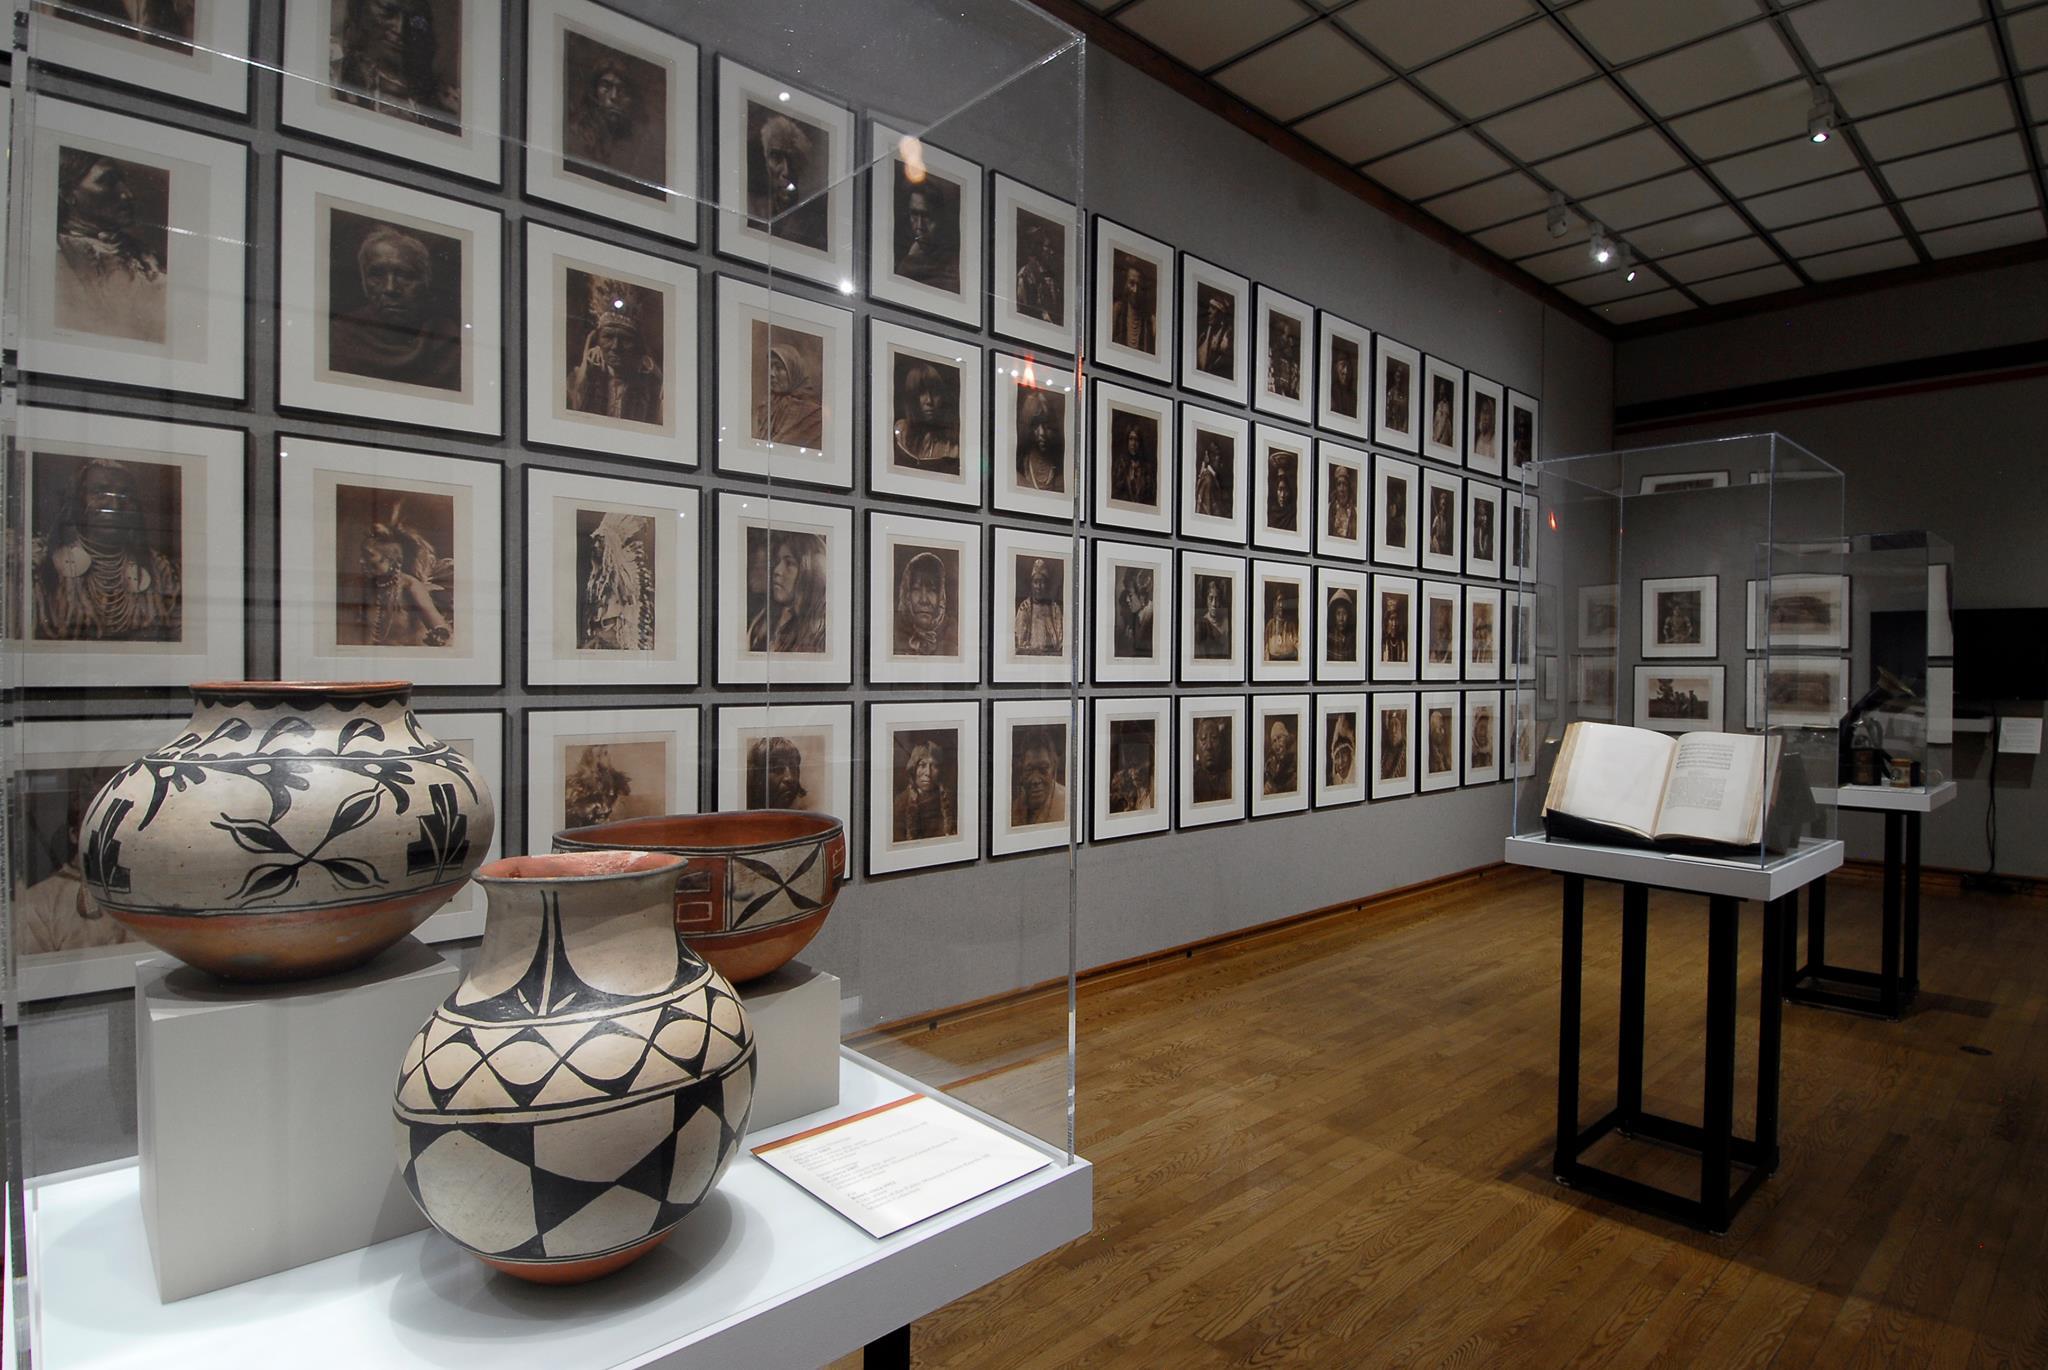 muskegon museum of art michigan